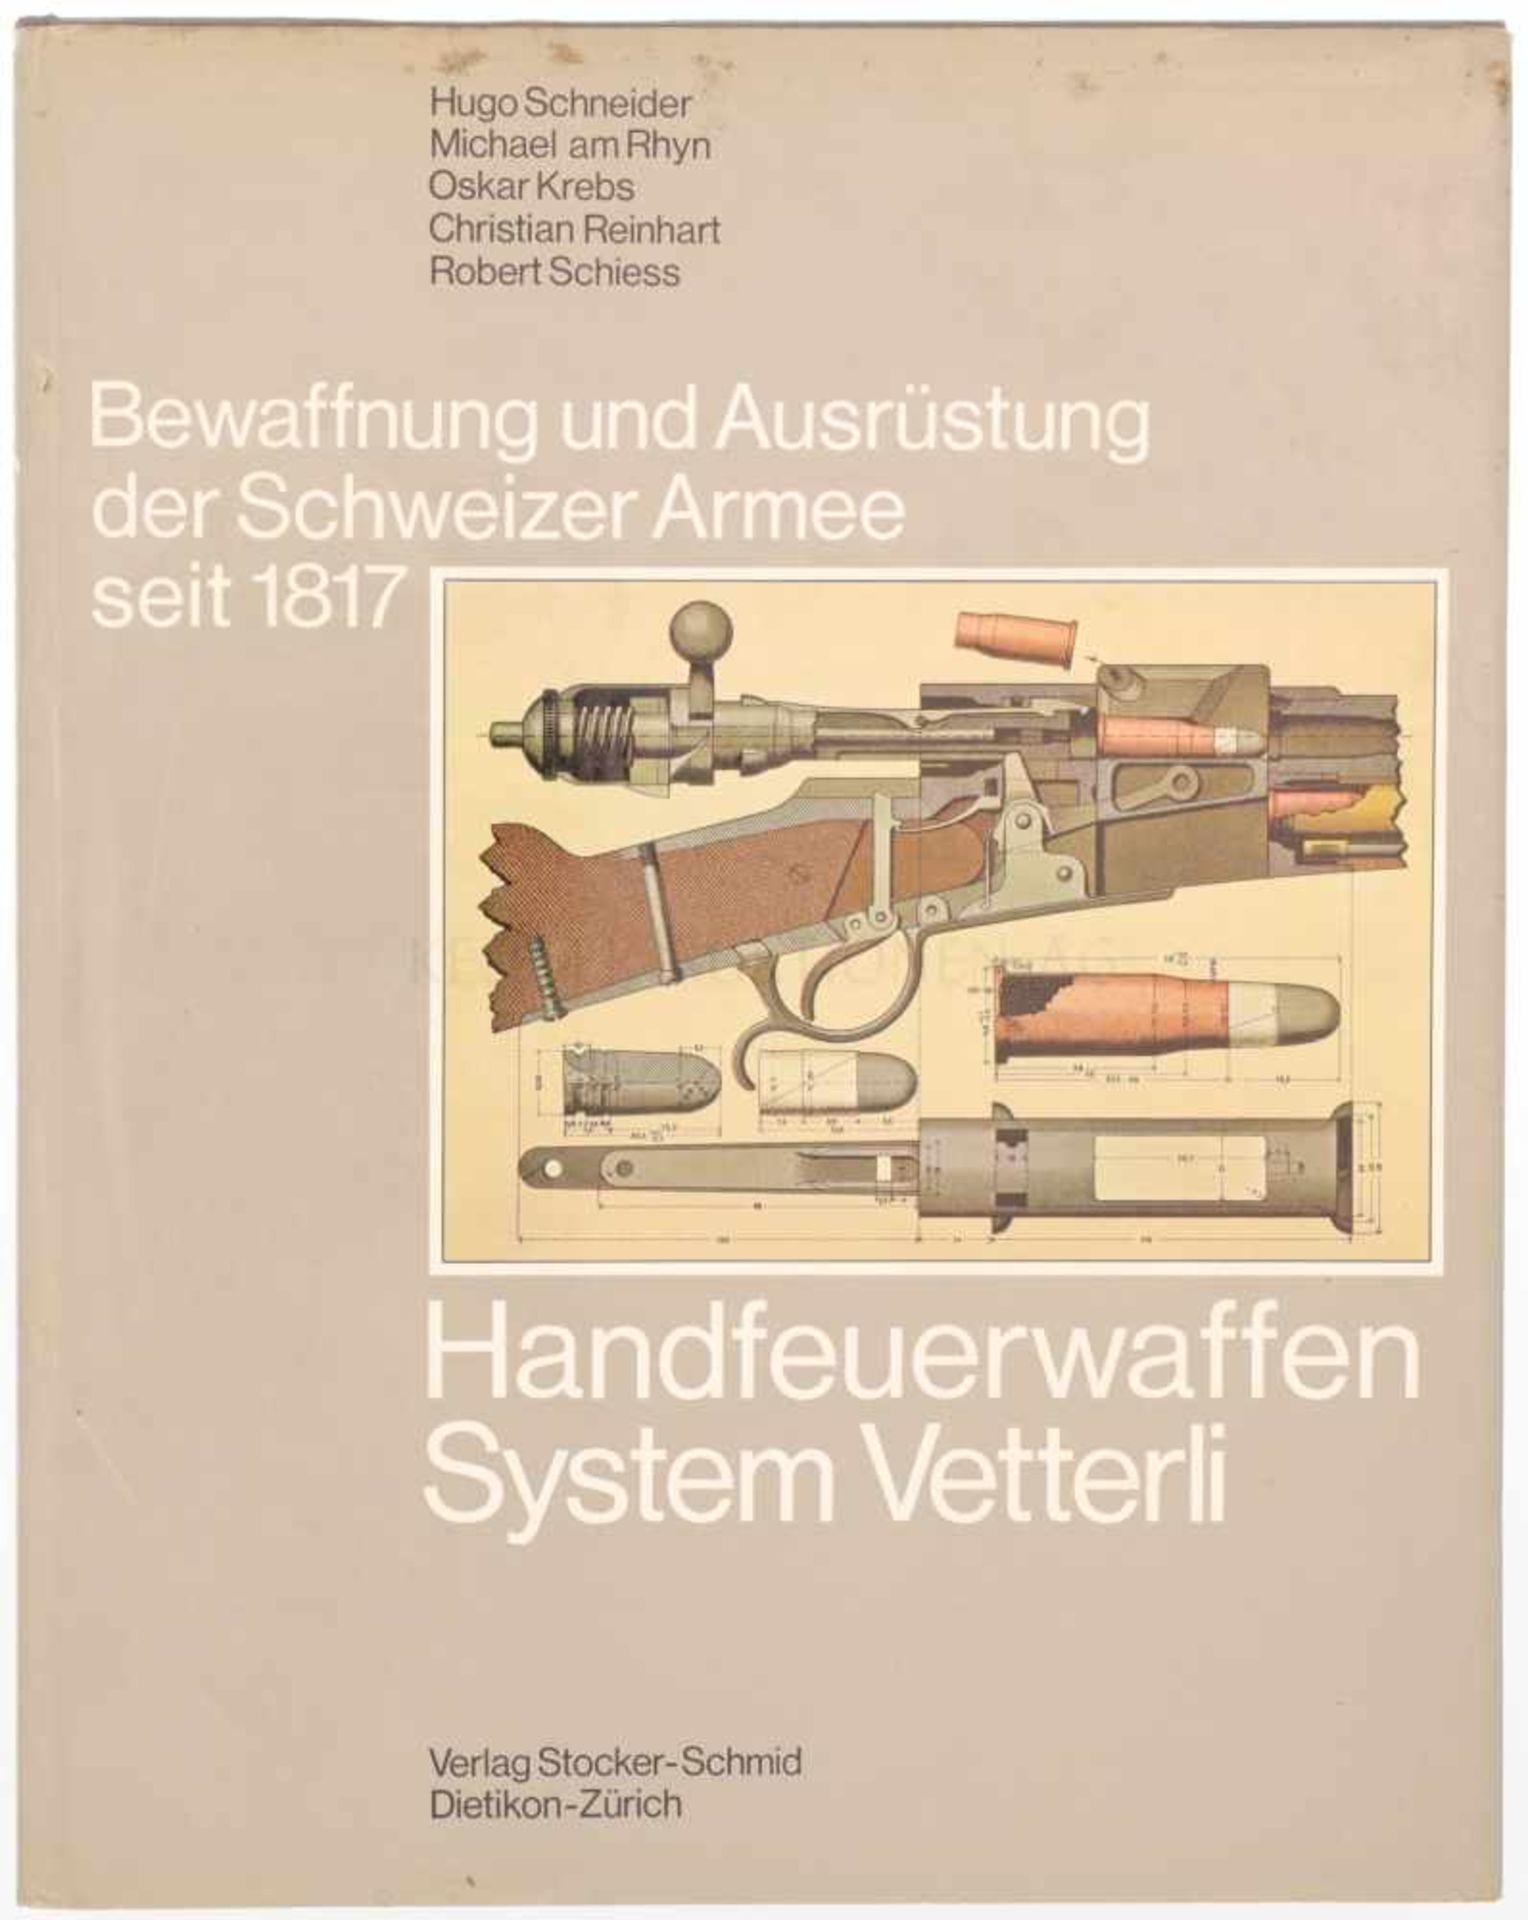 Bewaffnung und Ausrüstung der Schweizer Armee seit 1817 Band 3, Handfeuerwaffen, System Vetterli,